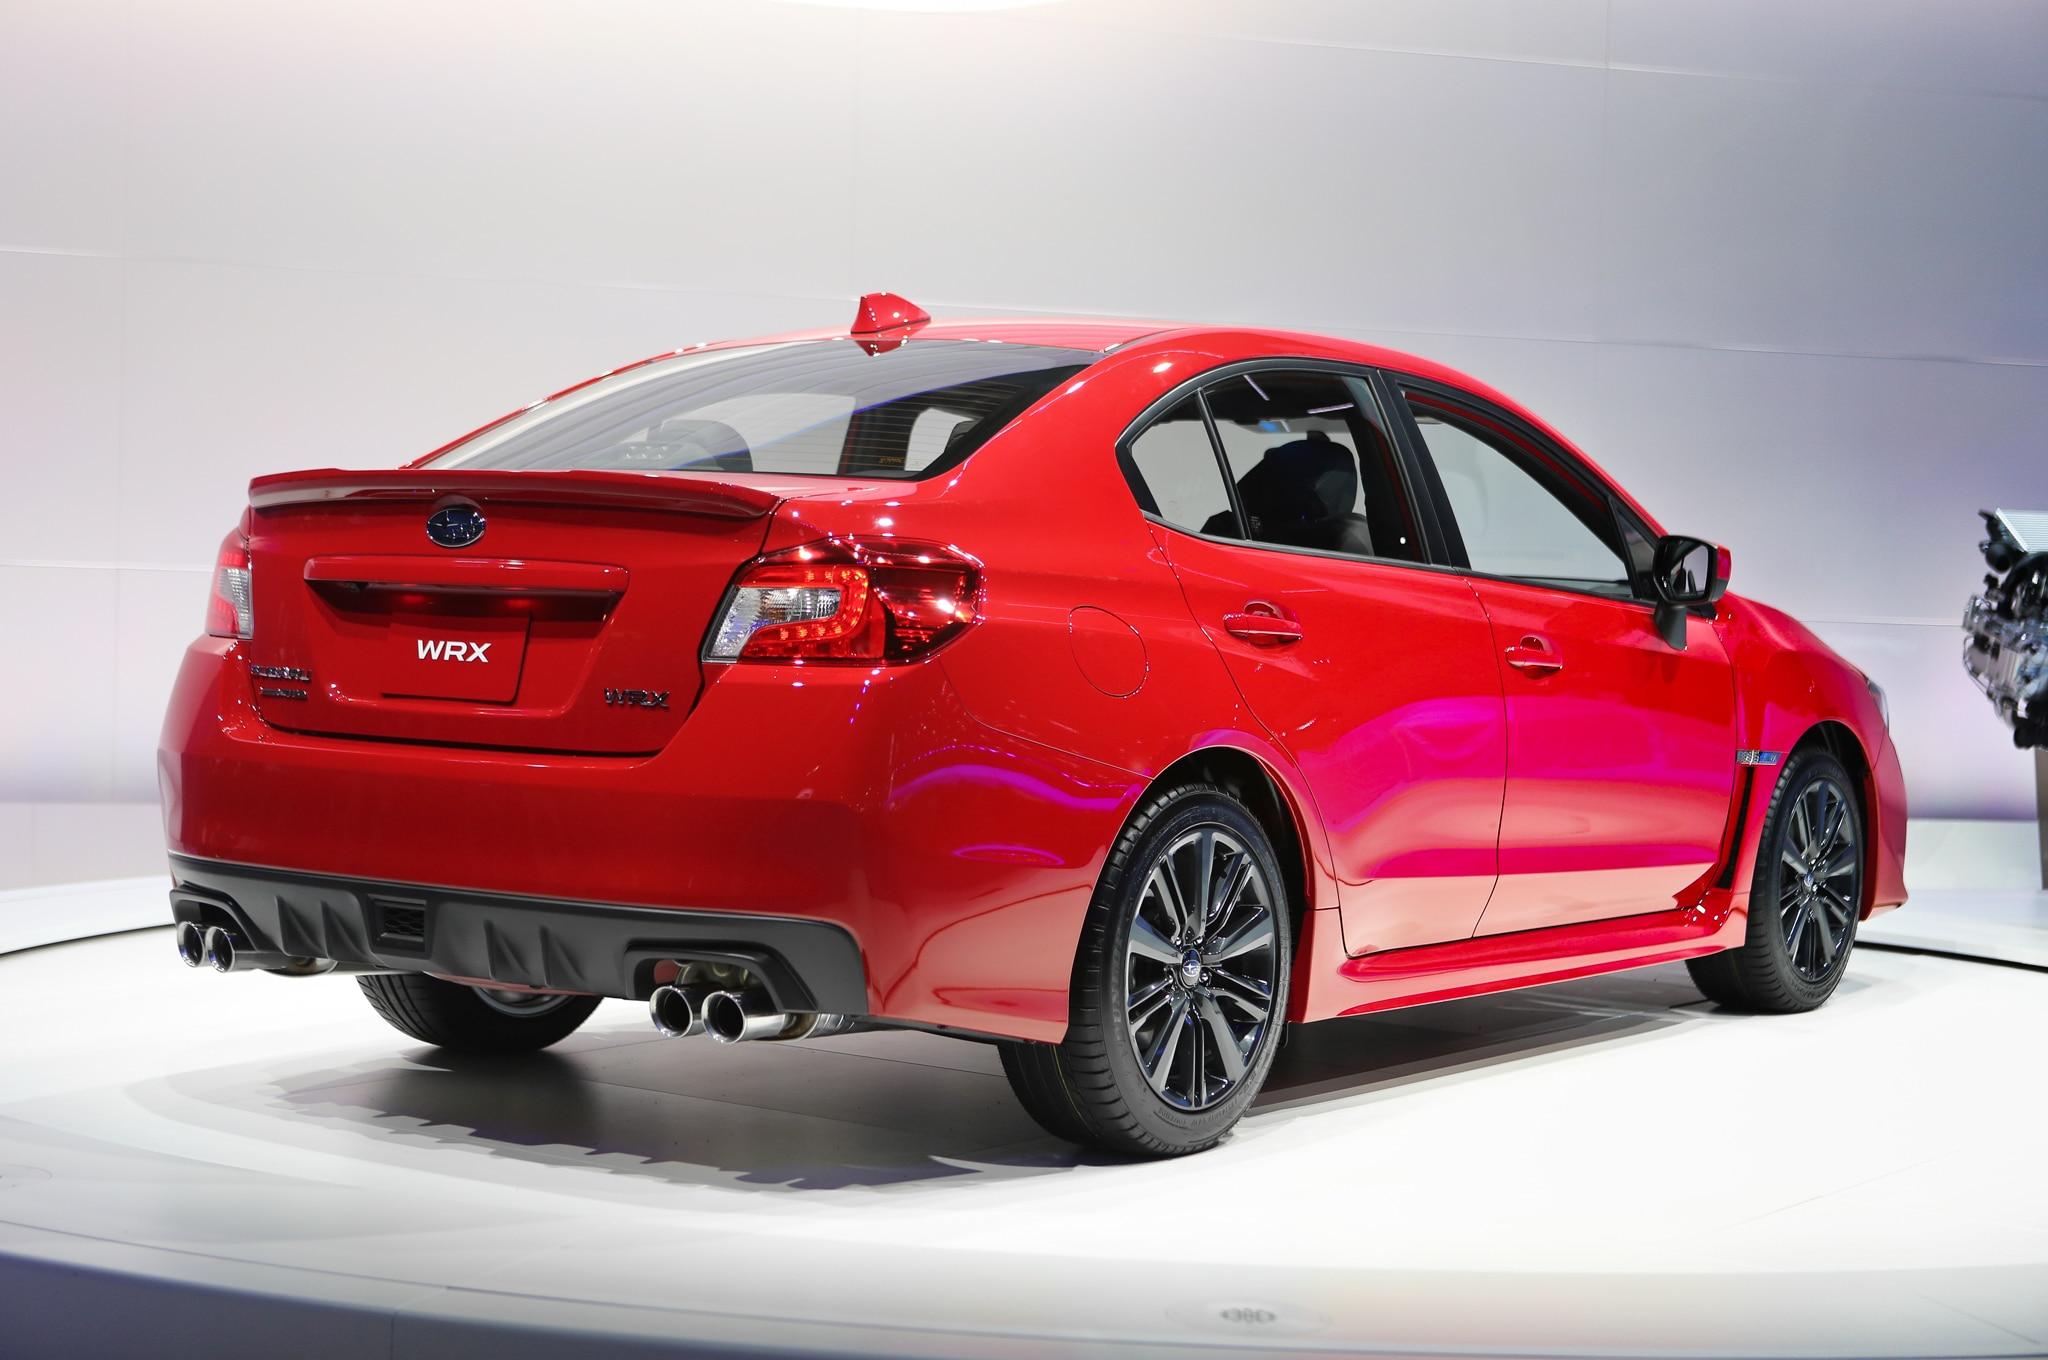 2017 Subaru WRX, WRX STI, 2016 Subaru Crosstrek SE Priced ...